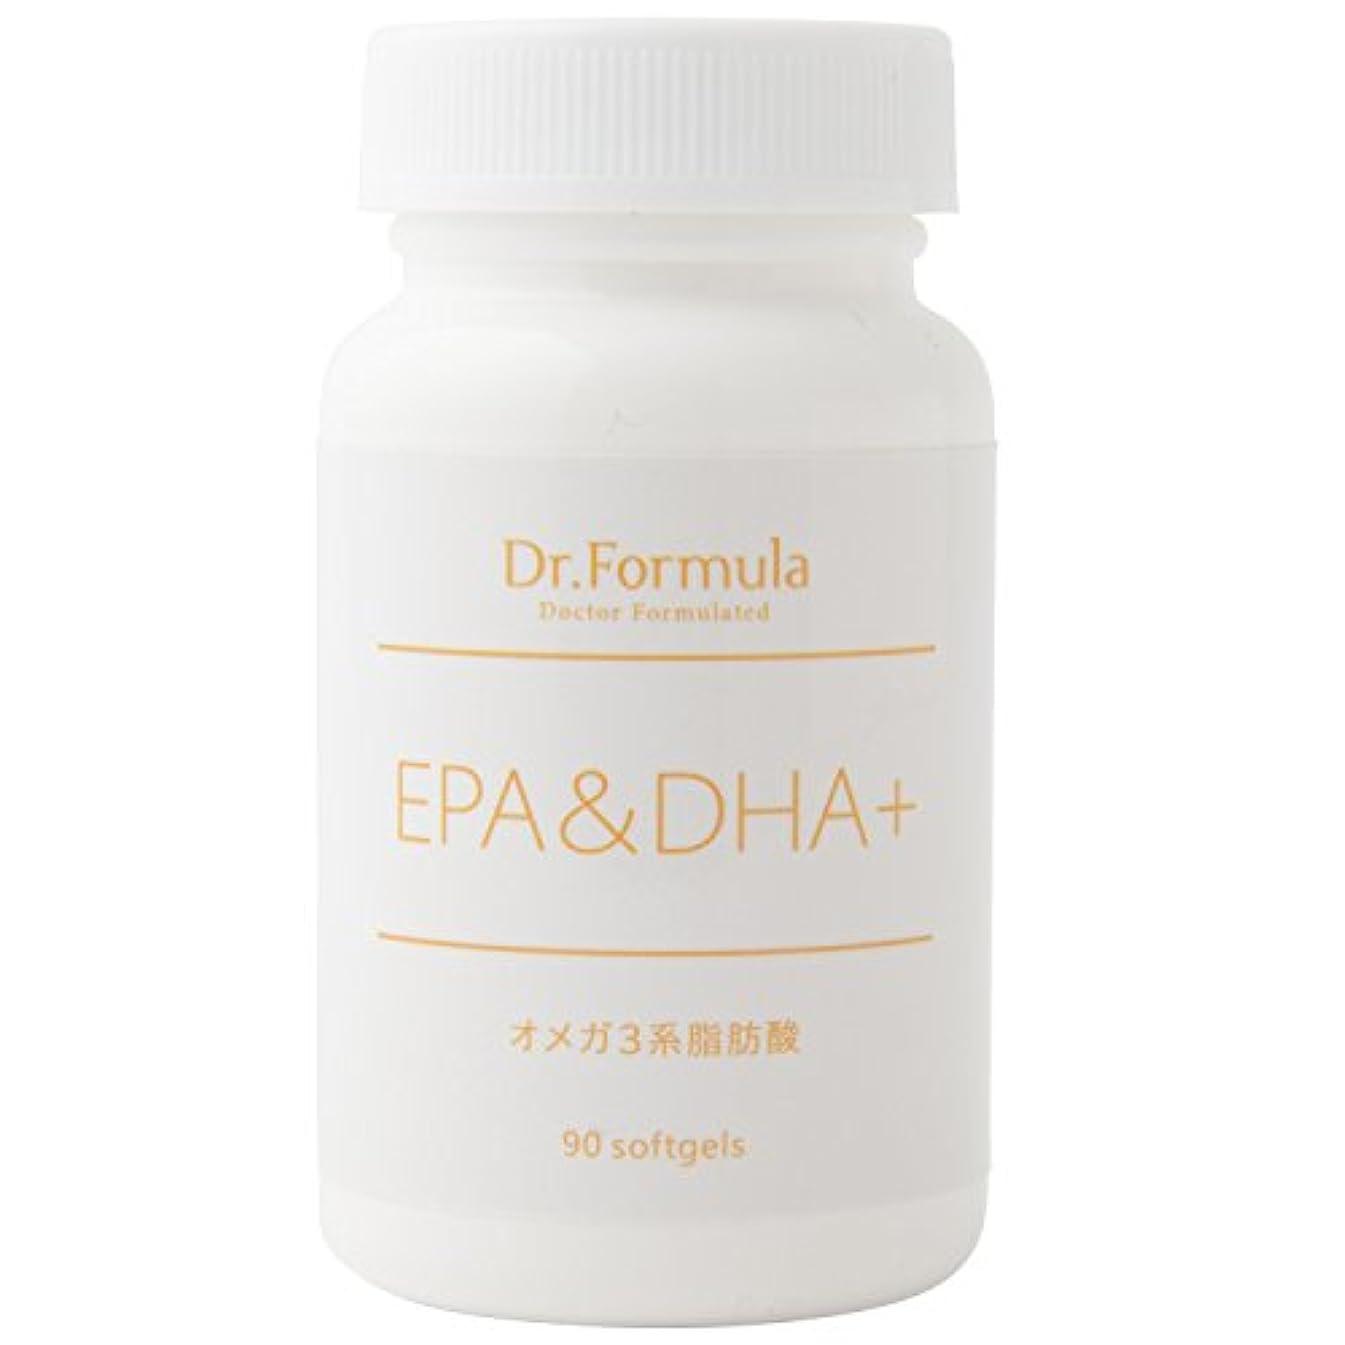 仮装スワップ素晴らしい良い多くのDr.Formula EPA&DHA+(オメガ 3系脂肪酸) 30日分 90粒 日本製 OMEGA3